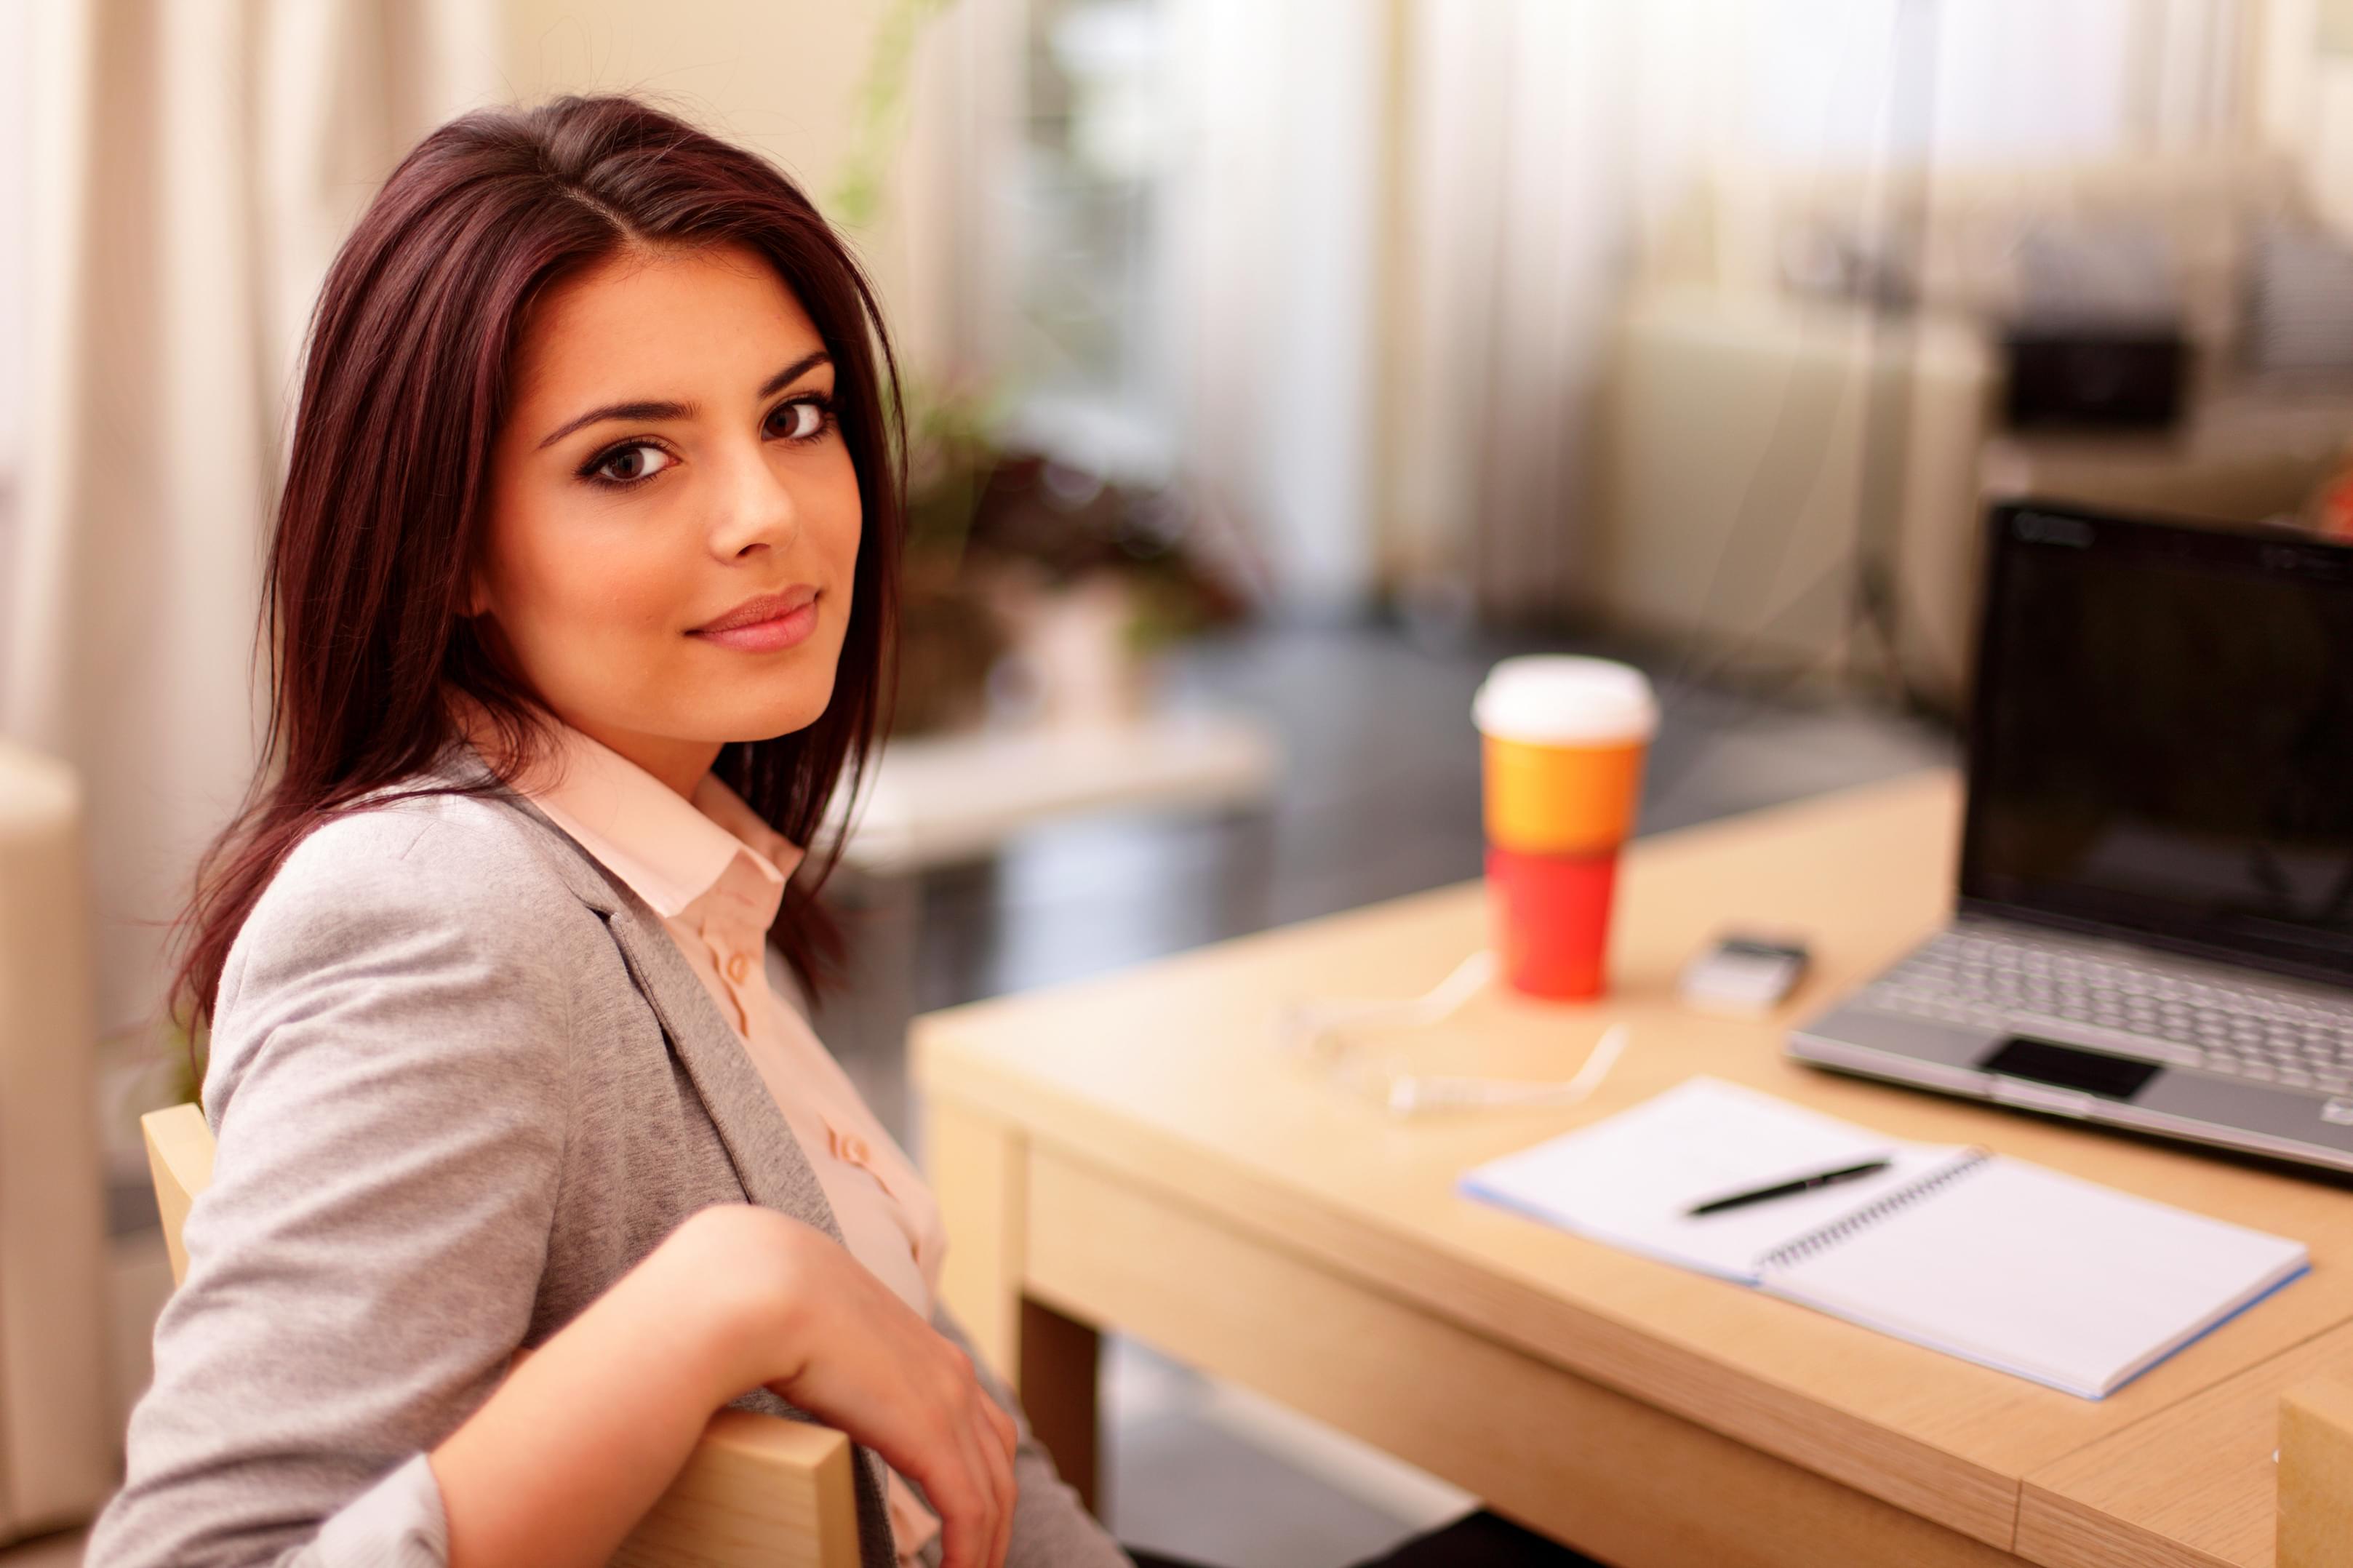 Marketing Pessoal: veja 5 dicas do que não fazer